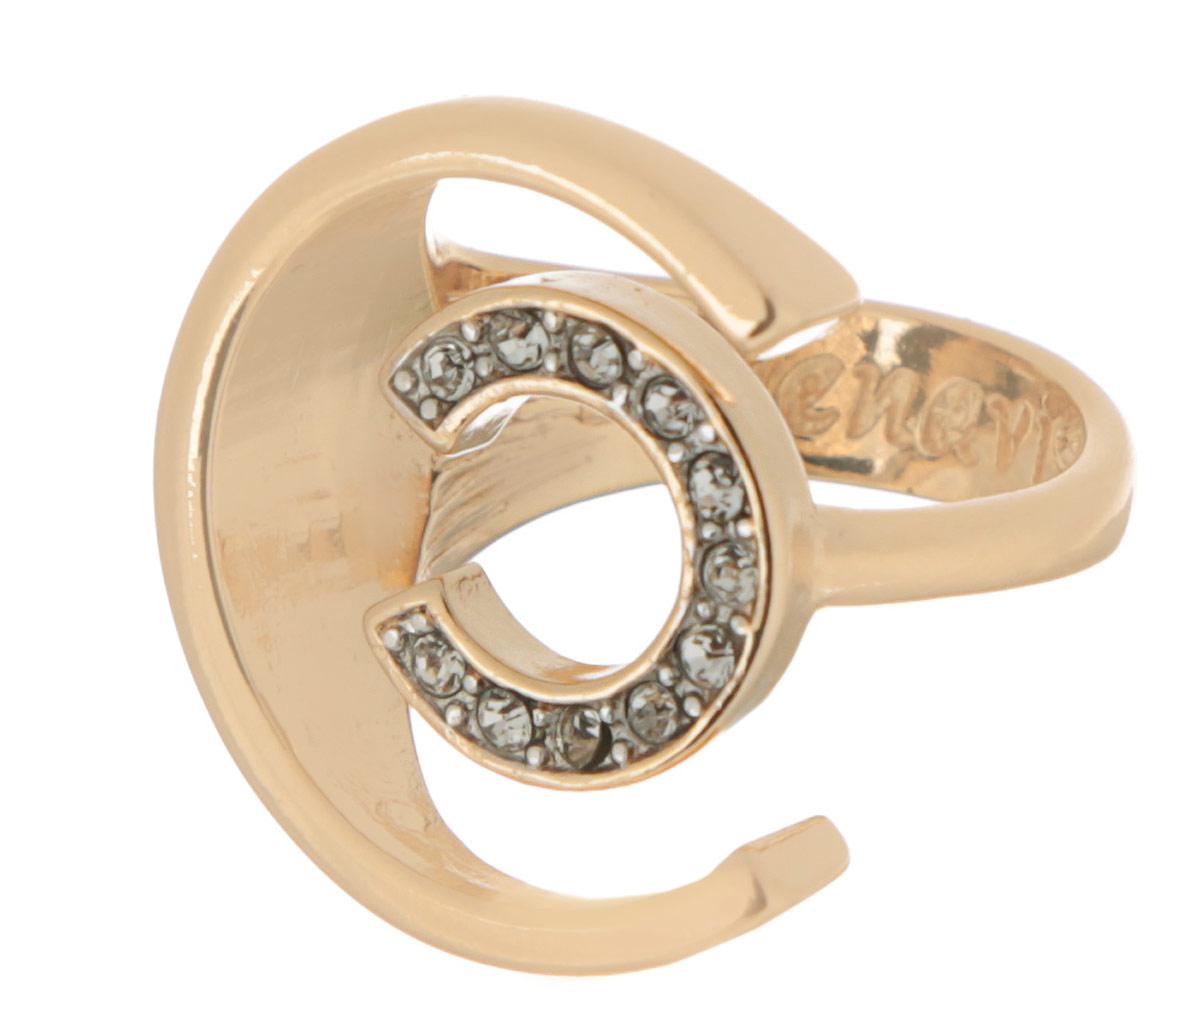 Кольцо Jenavi Форцетия, цвет: золотистый. Размер 20f506q000Элегантное кольцо Jenavi Форцетия выполнено из антиаллергического ювелирного сплава, покрытого позолотой с родированием. Декоративный элемент выполнен в виде двух полуокружностей разного диаметра, одна из которых инкрустирована гранеными кристаллами Swarovski. Стильное кольцо придаст вашему образу изюминку и подчеркнет индивидуальность.